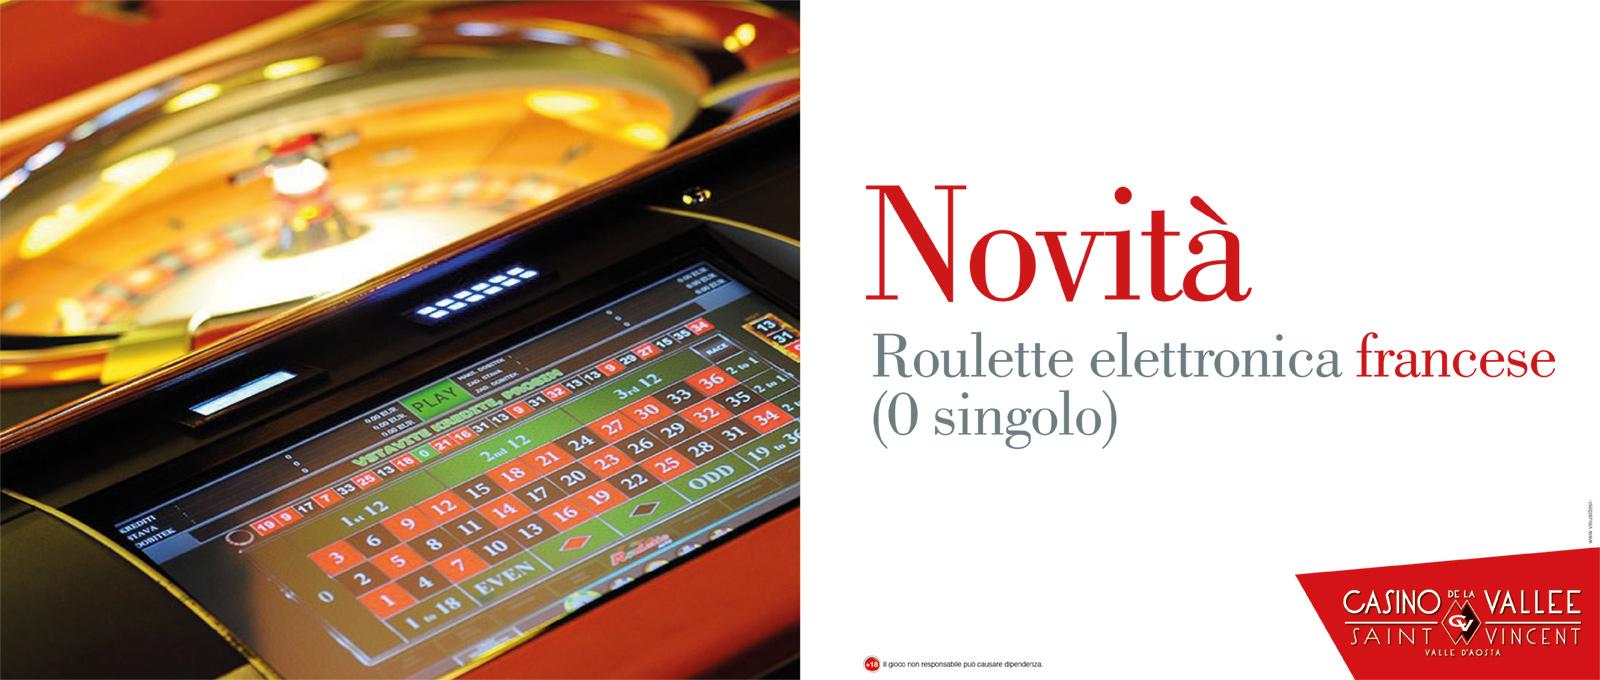 Novità Roulette Elettronica Francese